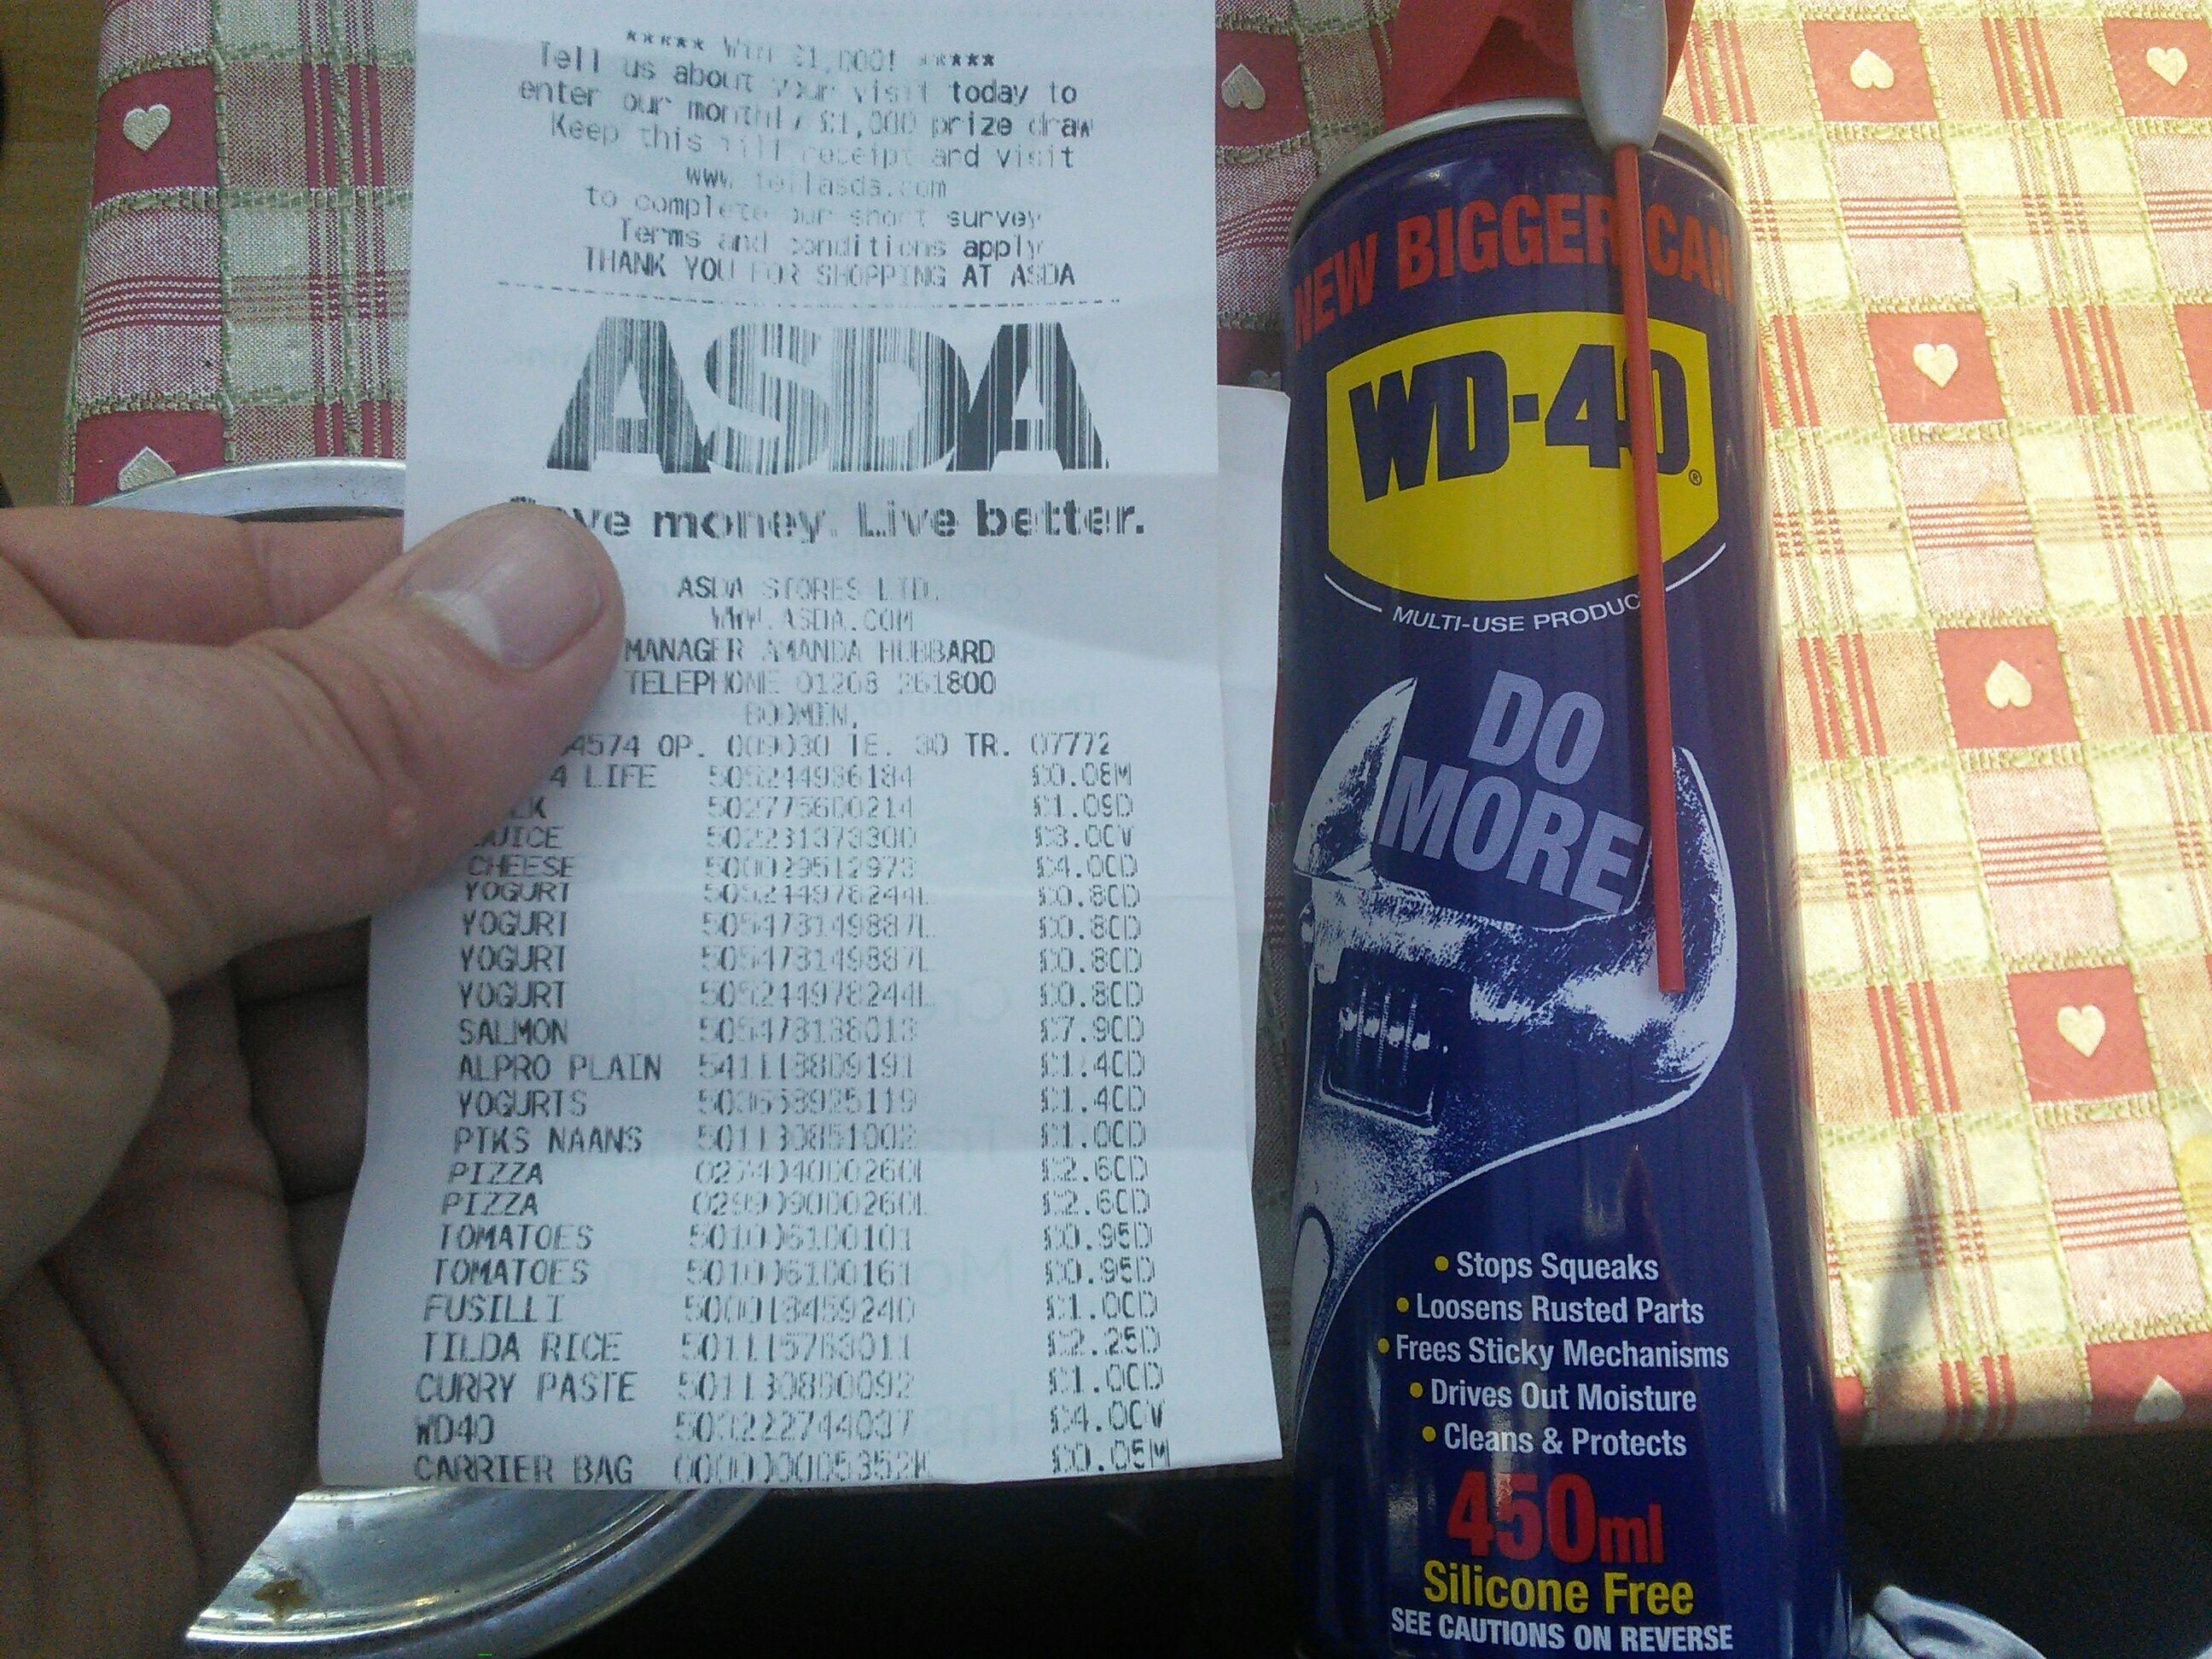 WD40 Smart Straw 450ml Asda Bodmin -  £4